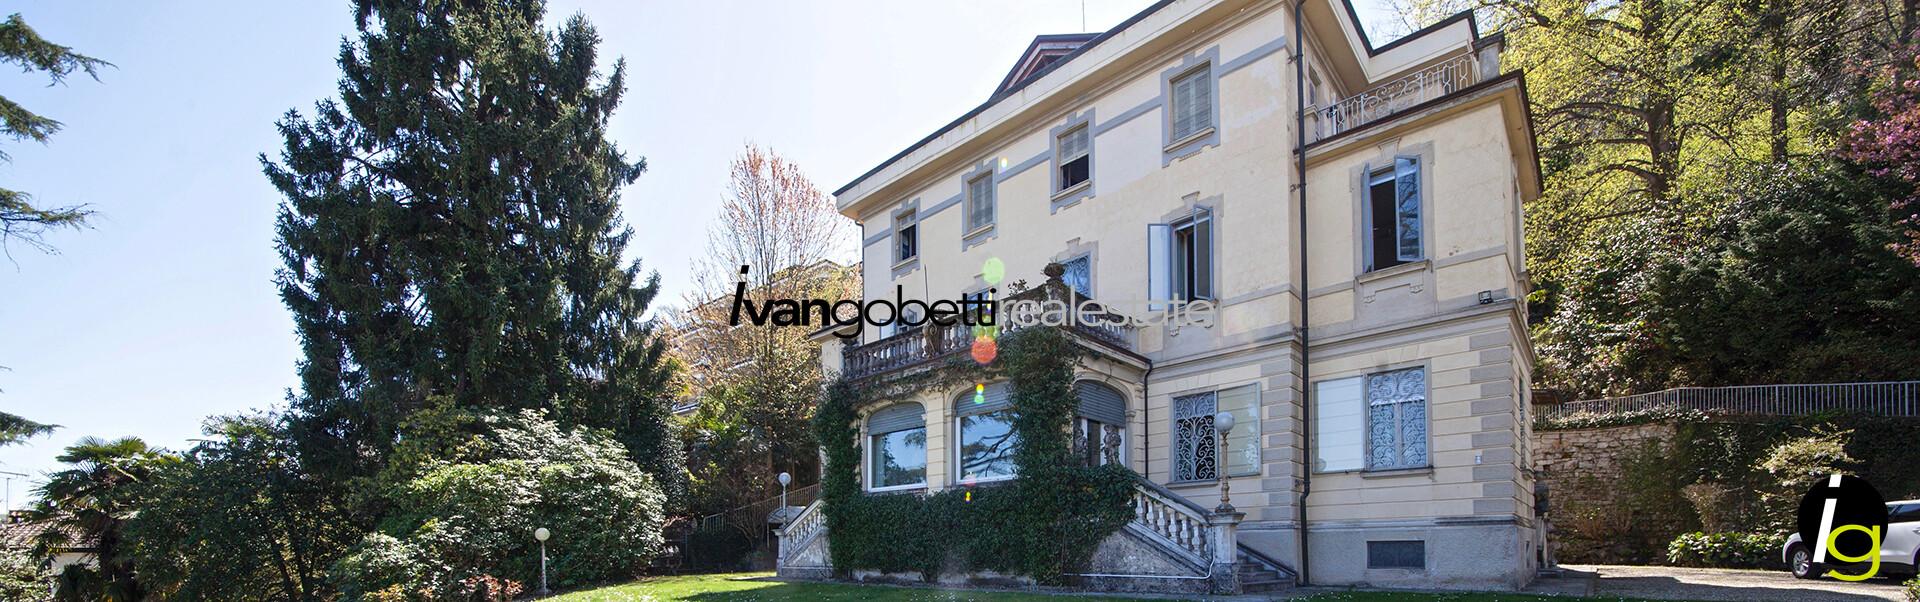 In vendita villa d'epoca con parco a Stresa Lago Maggiore